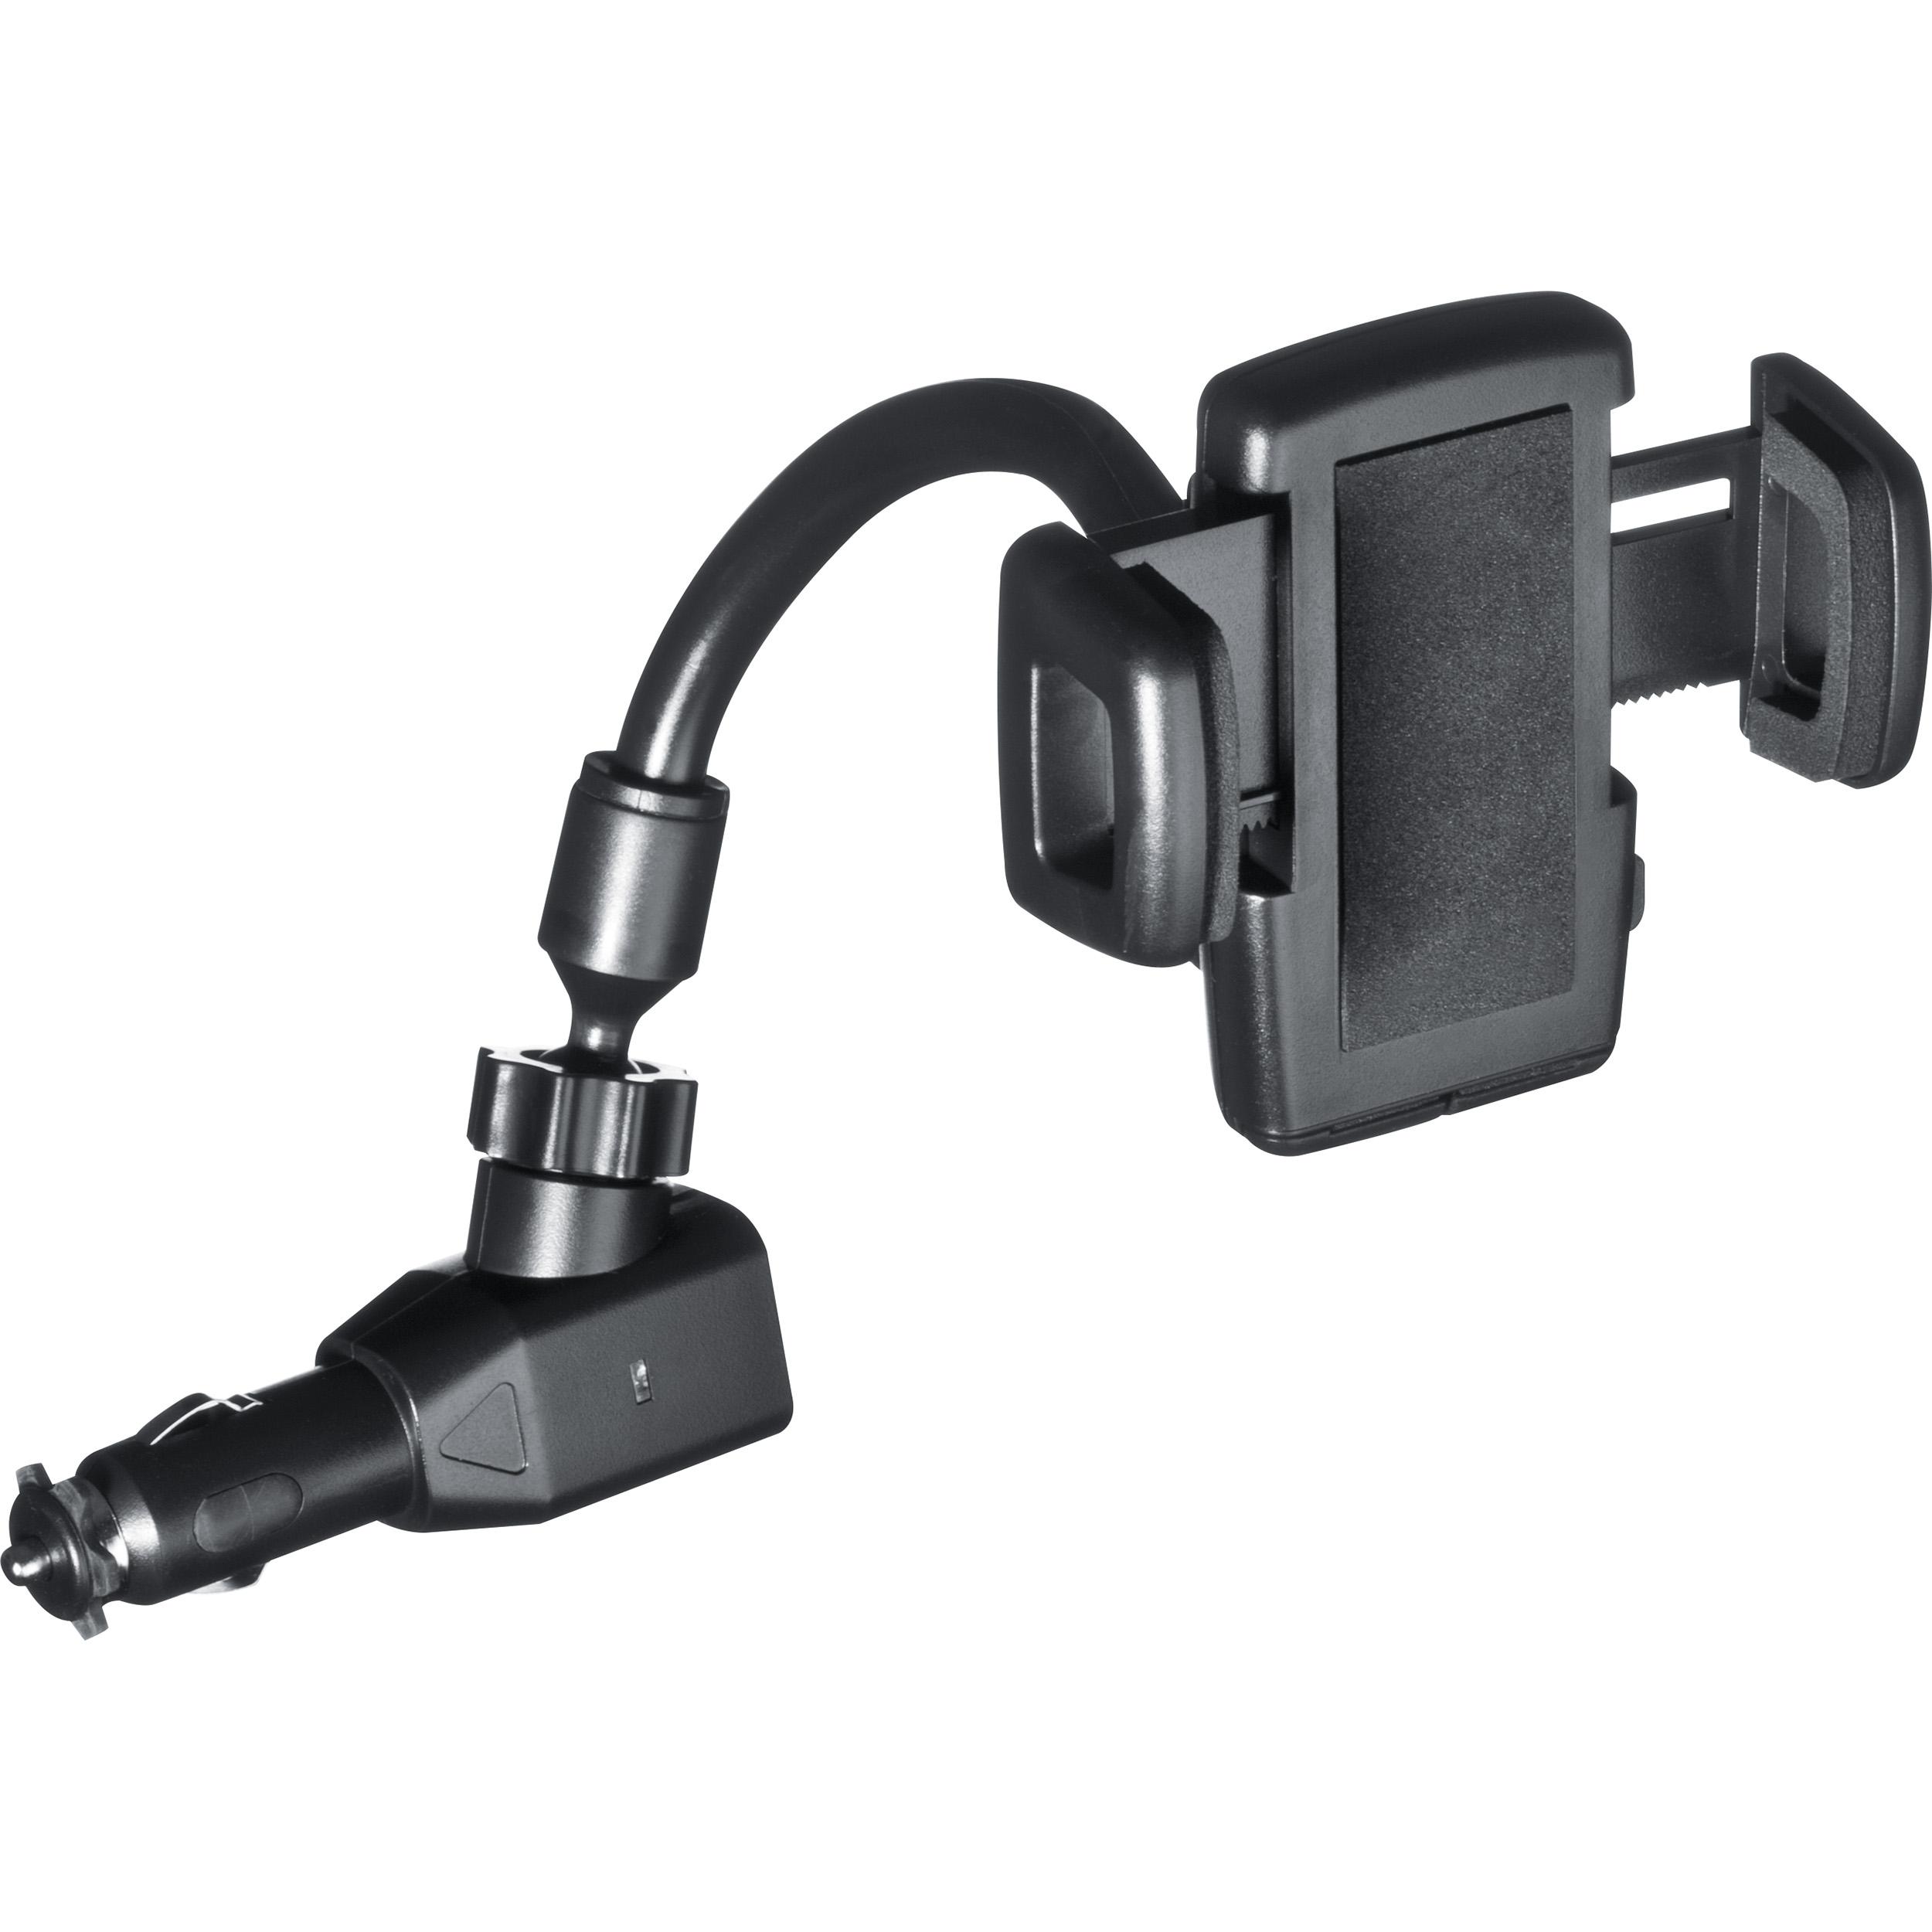 Support pour téléphone avec chargeur